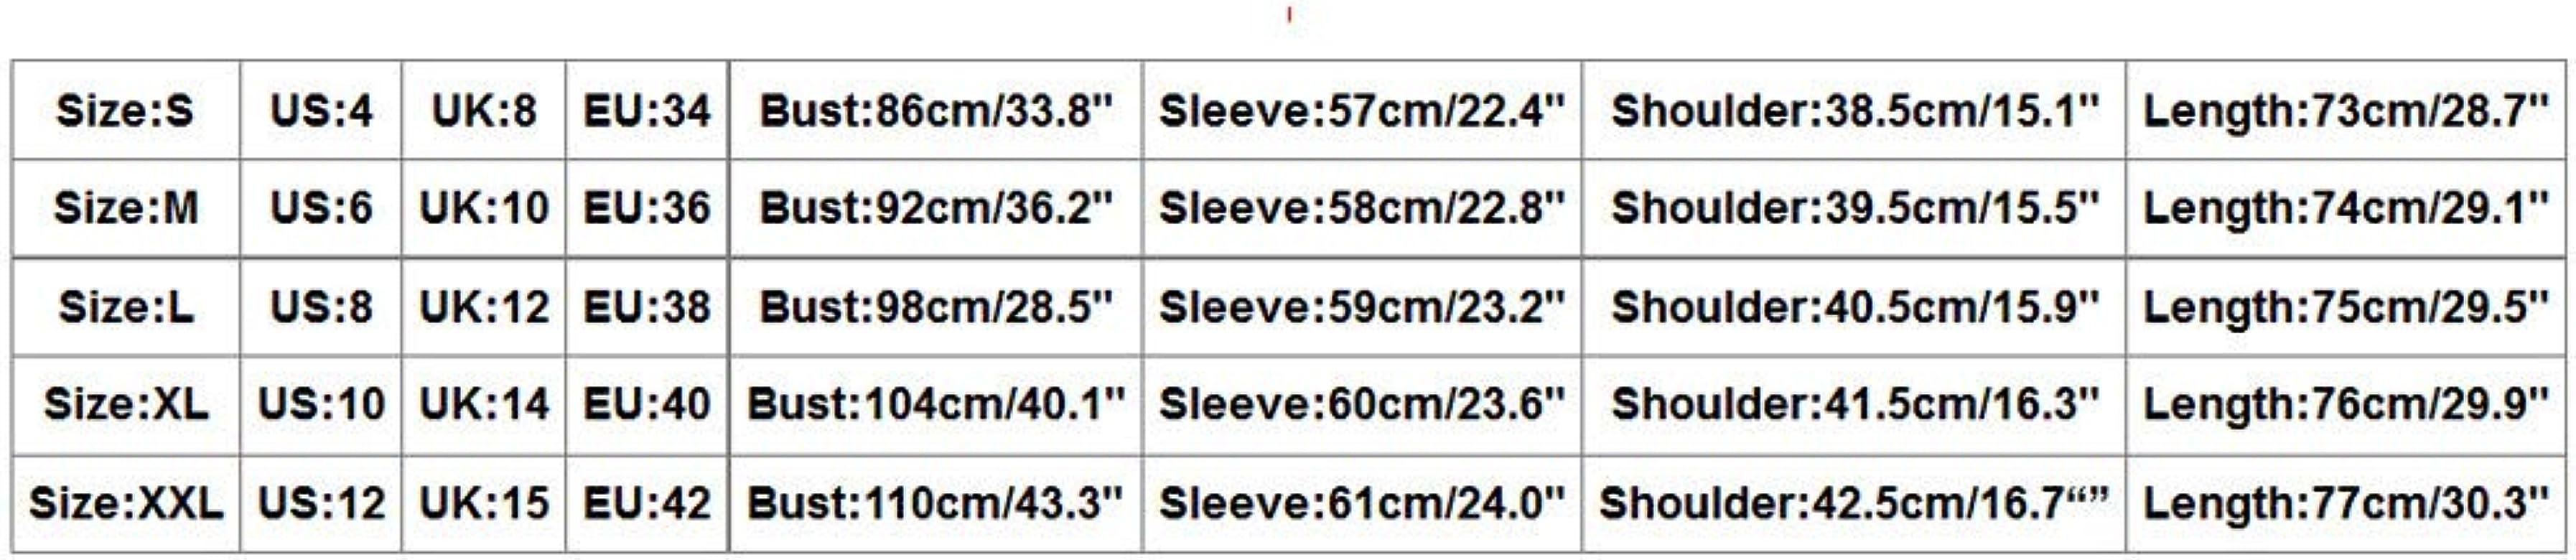 SUCCESS Maglietta maglione moda donna Top Maglieria maniche lunghe scozzese stampa fiori plaid Camicia carina maglione maglia di Natale maglione moda elegante maglione caldo t-shirt